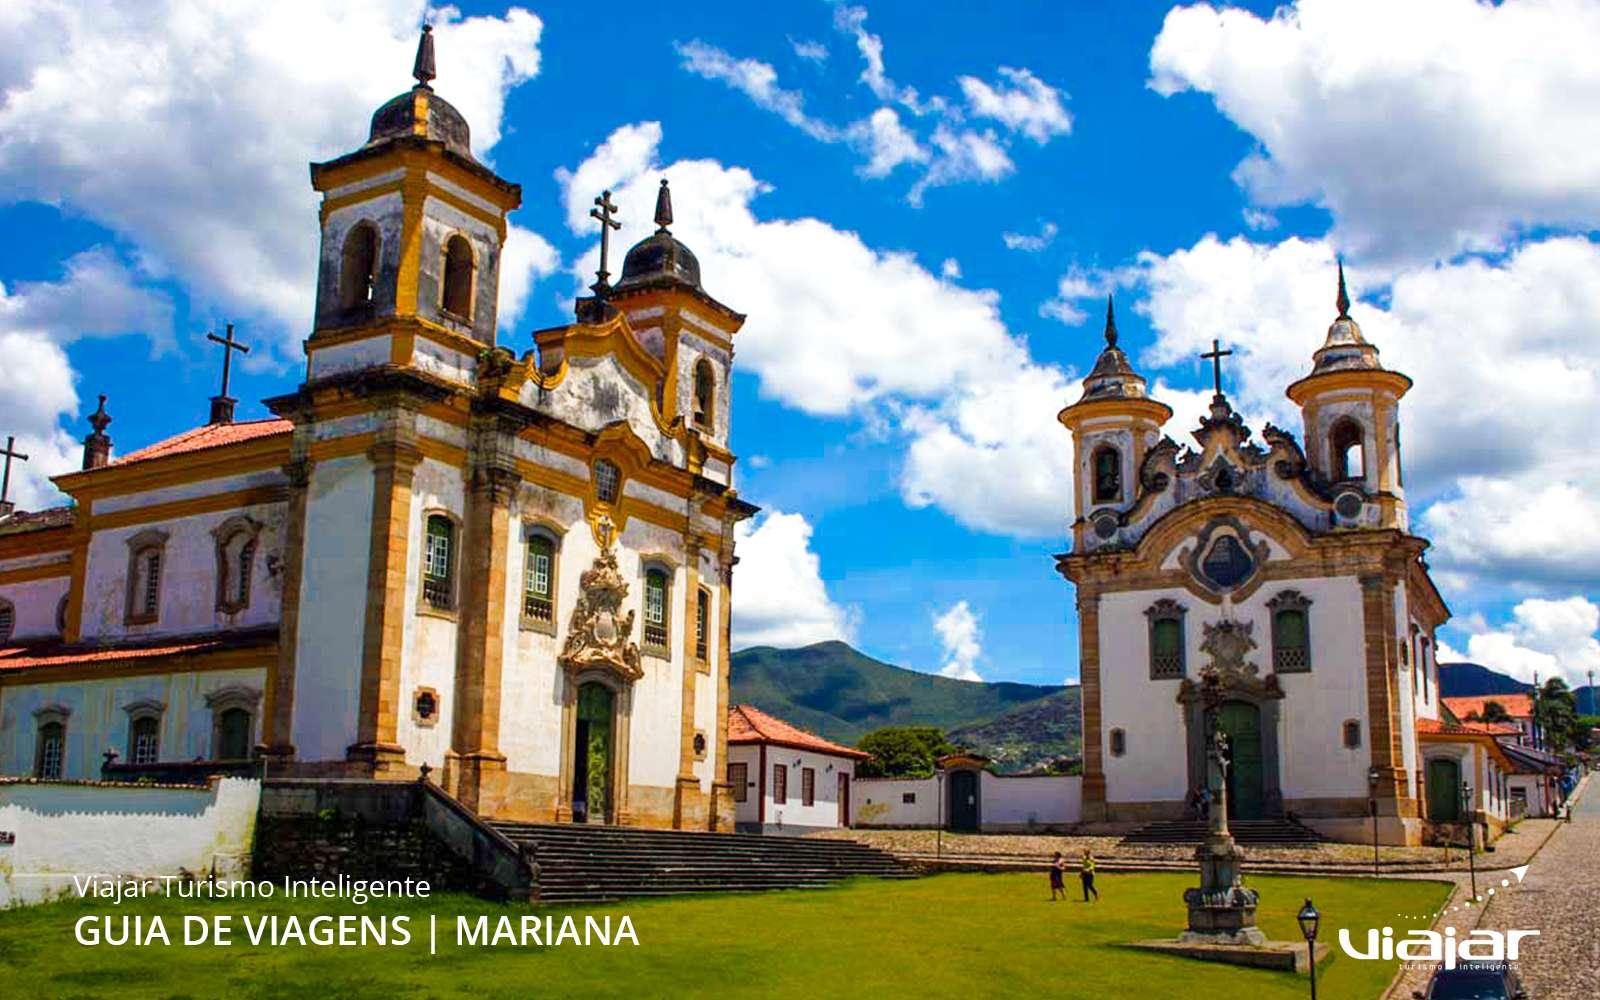 viajar-turismo-inteligente-belo-horizonte-conheca-mariana-minas-gerais-02